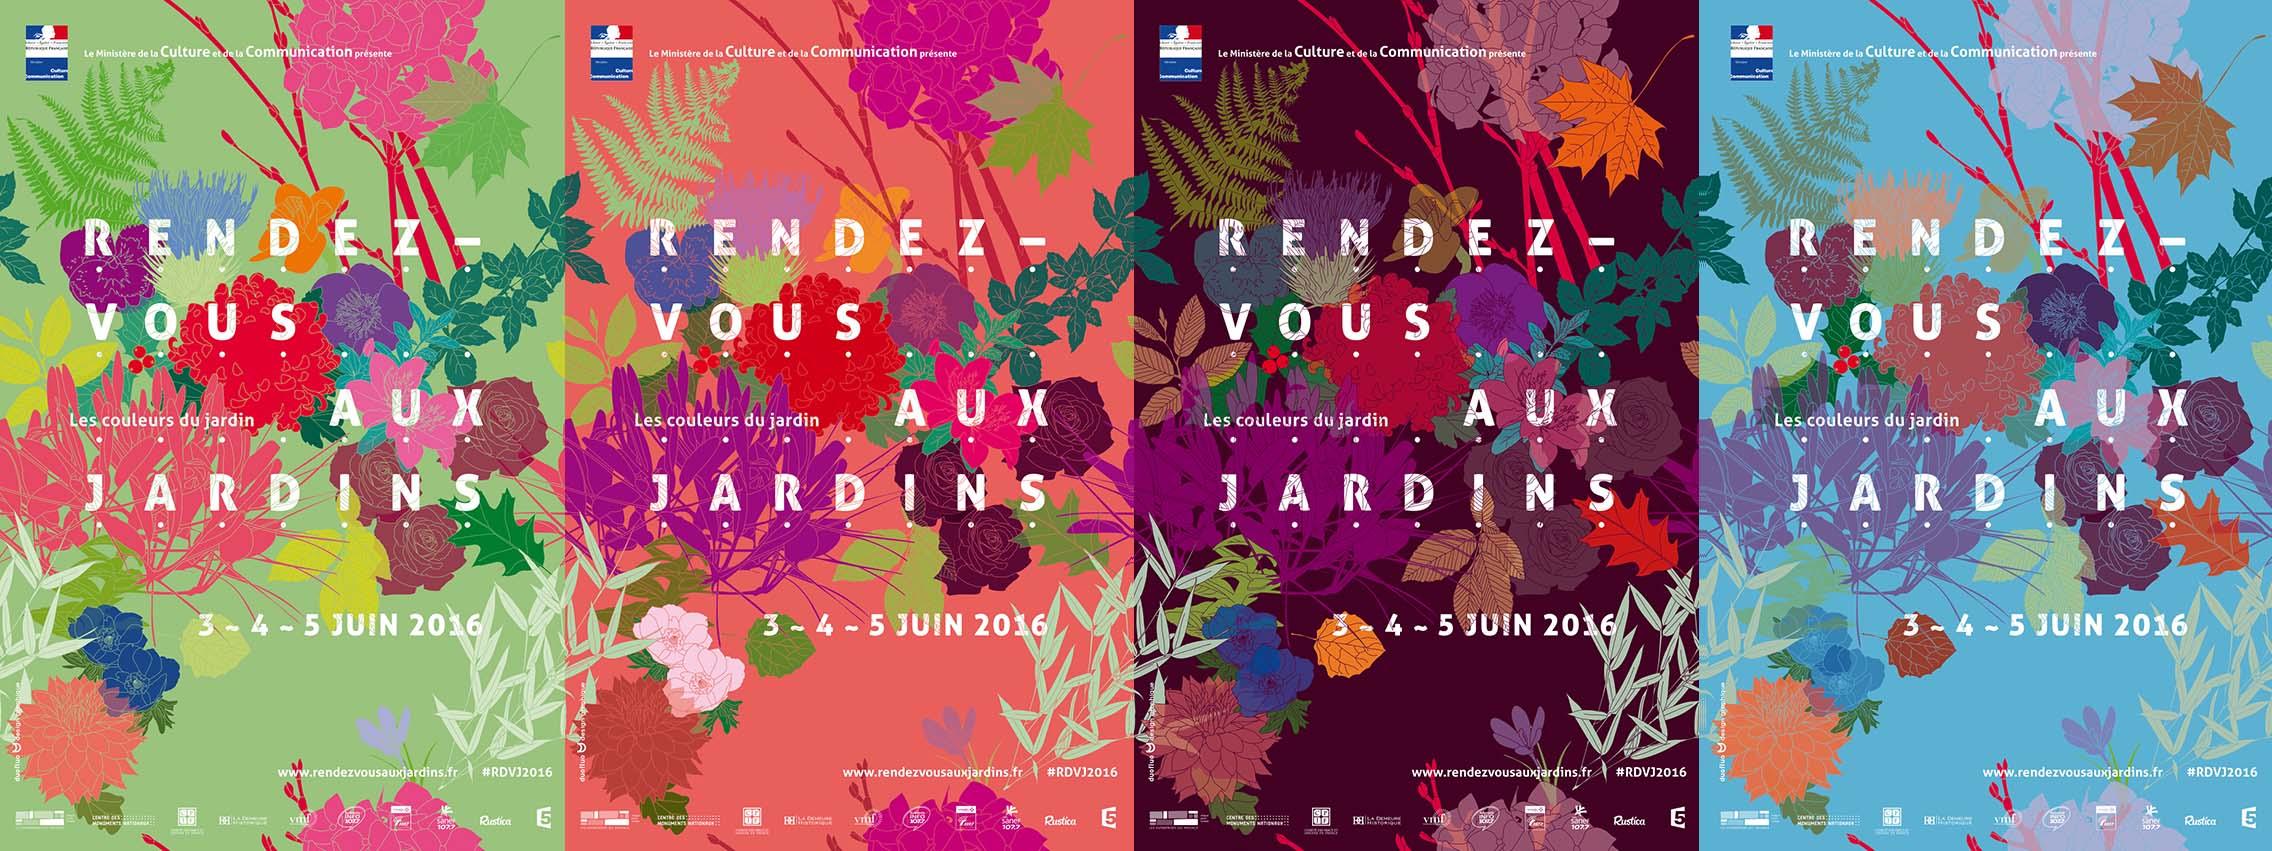 Rendez-vous aux jardins 2016 – 3-4-5 JUIN